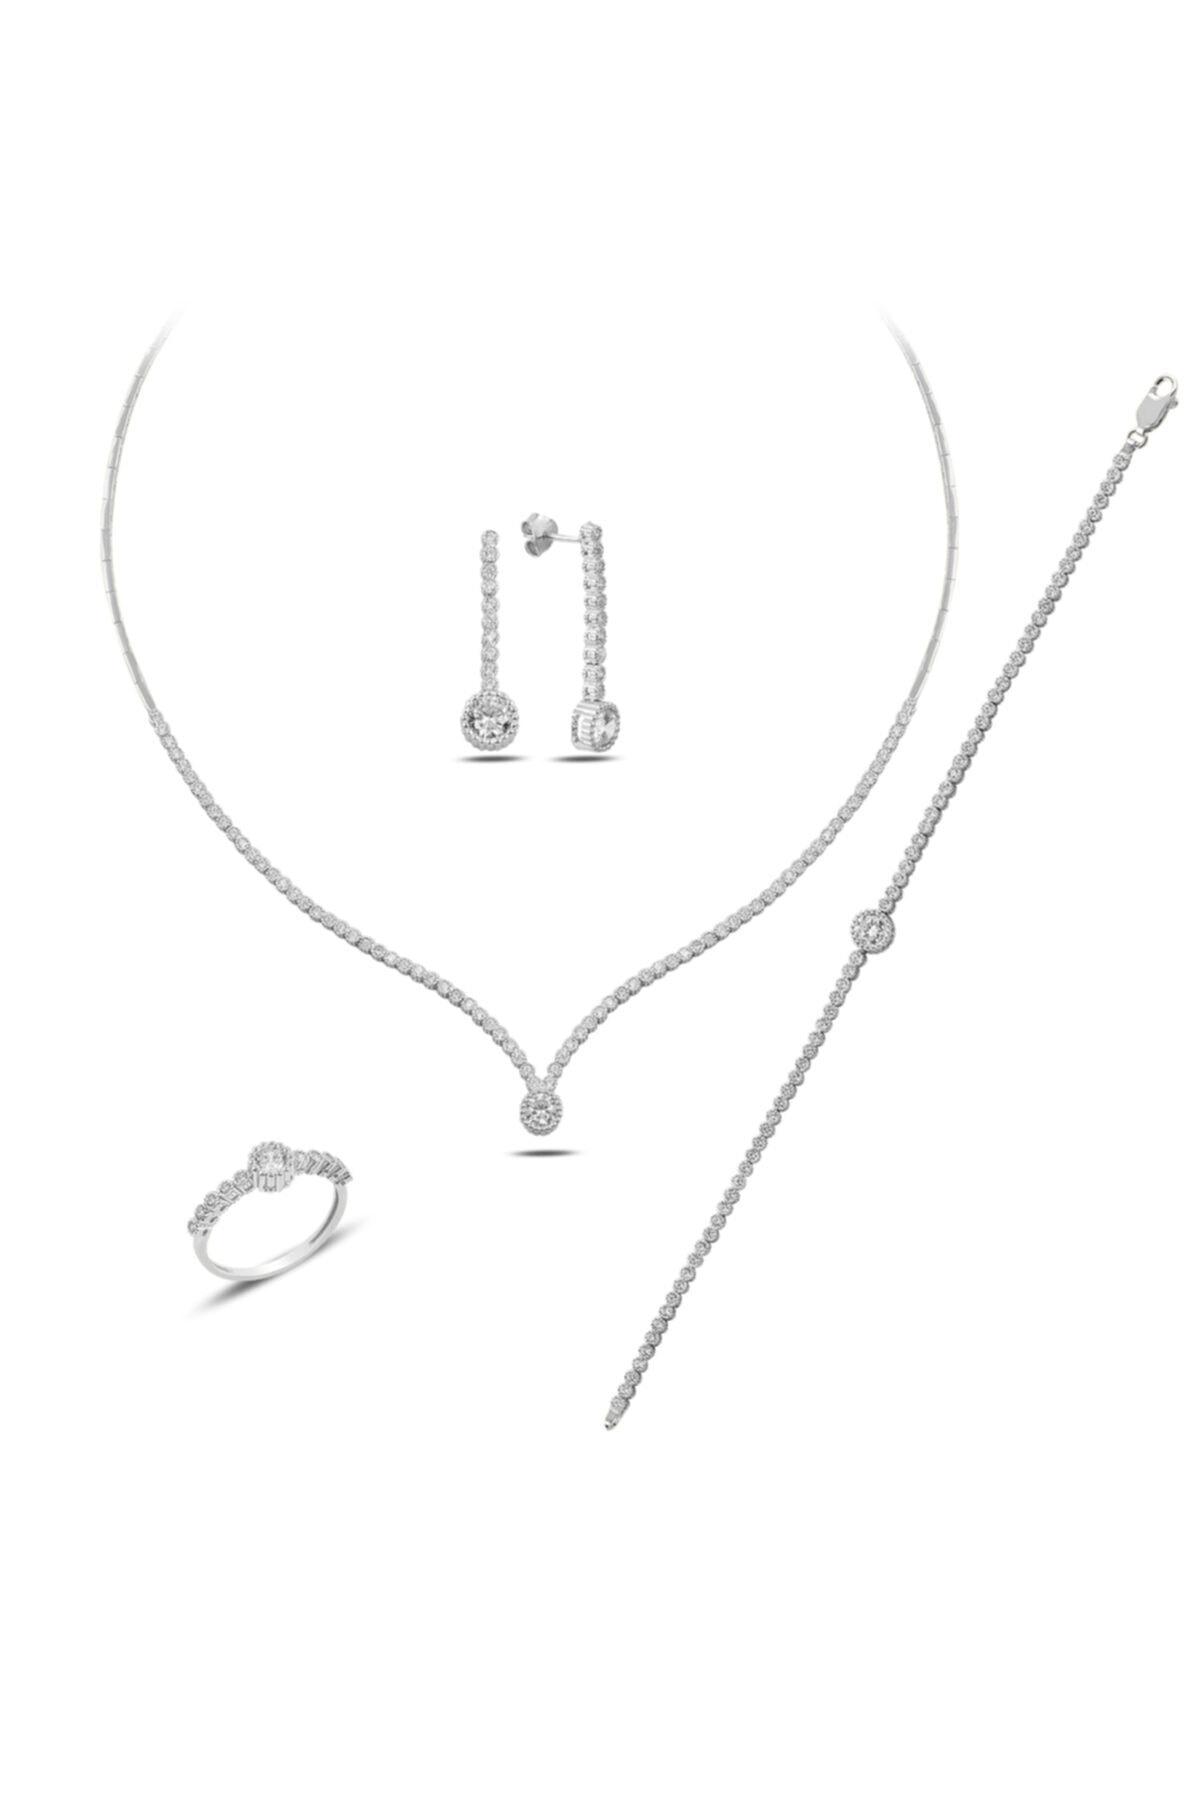 BARIŞ TAKI Kadın 925 Ayar Gümüş Tek Taş Pırlanta Montür Su Yolu Düğün Set 2